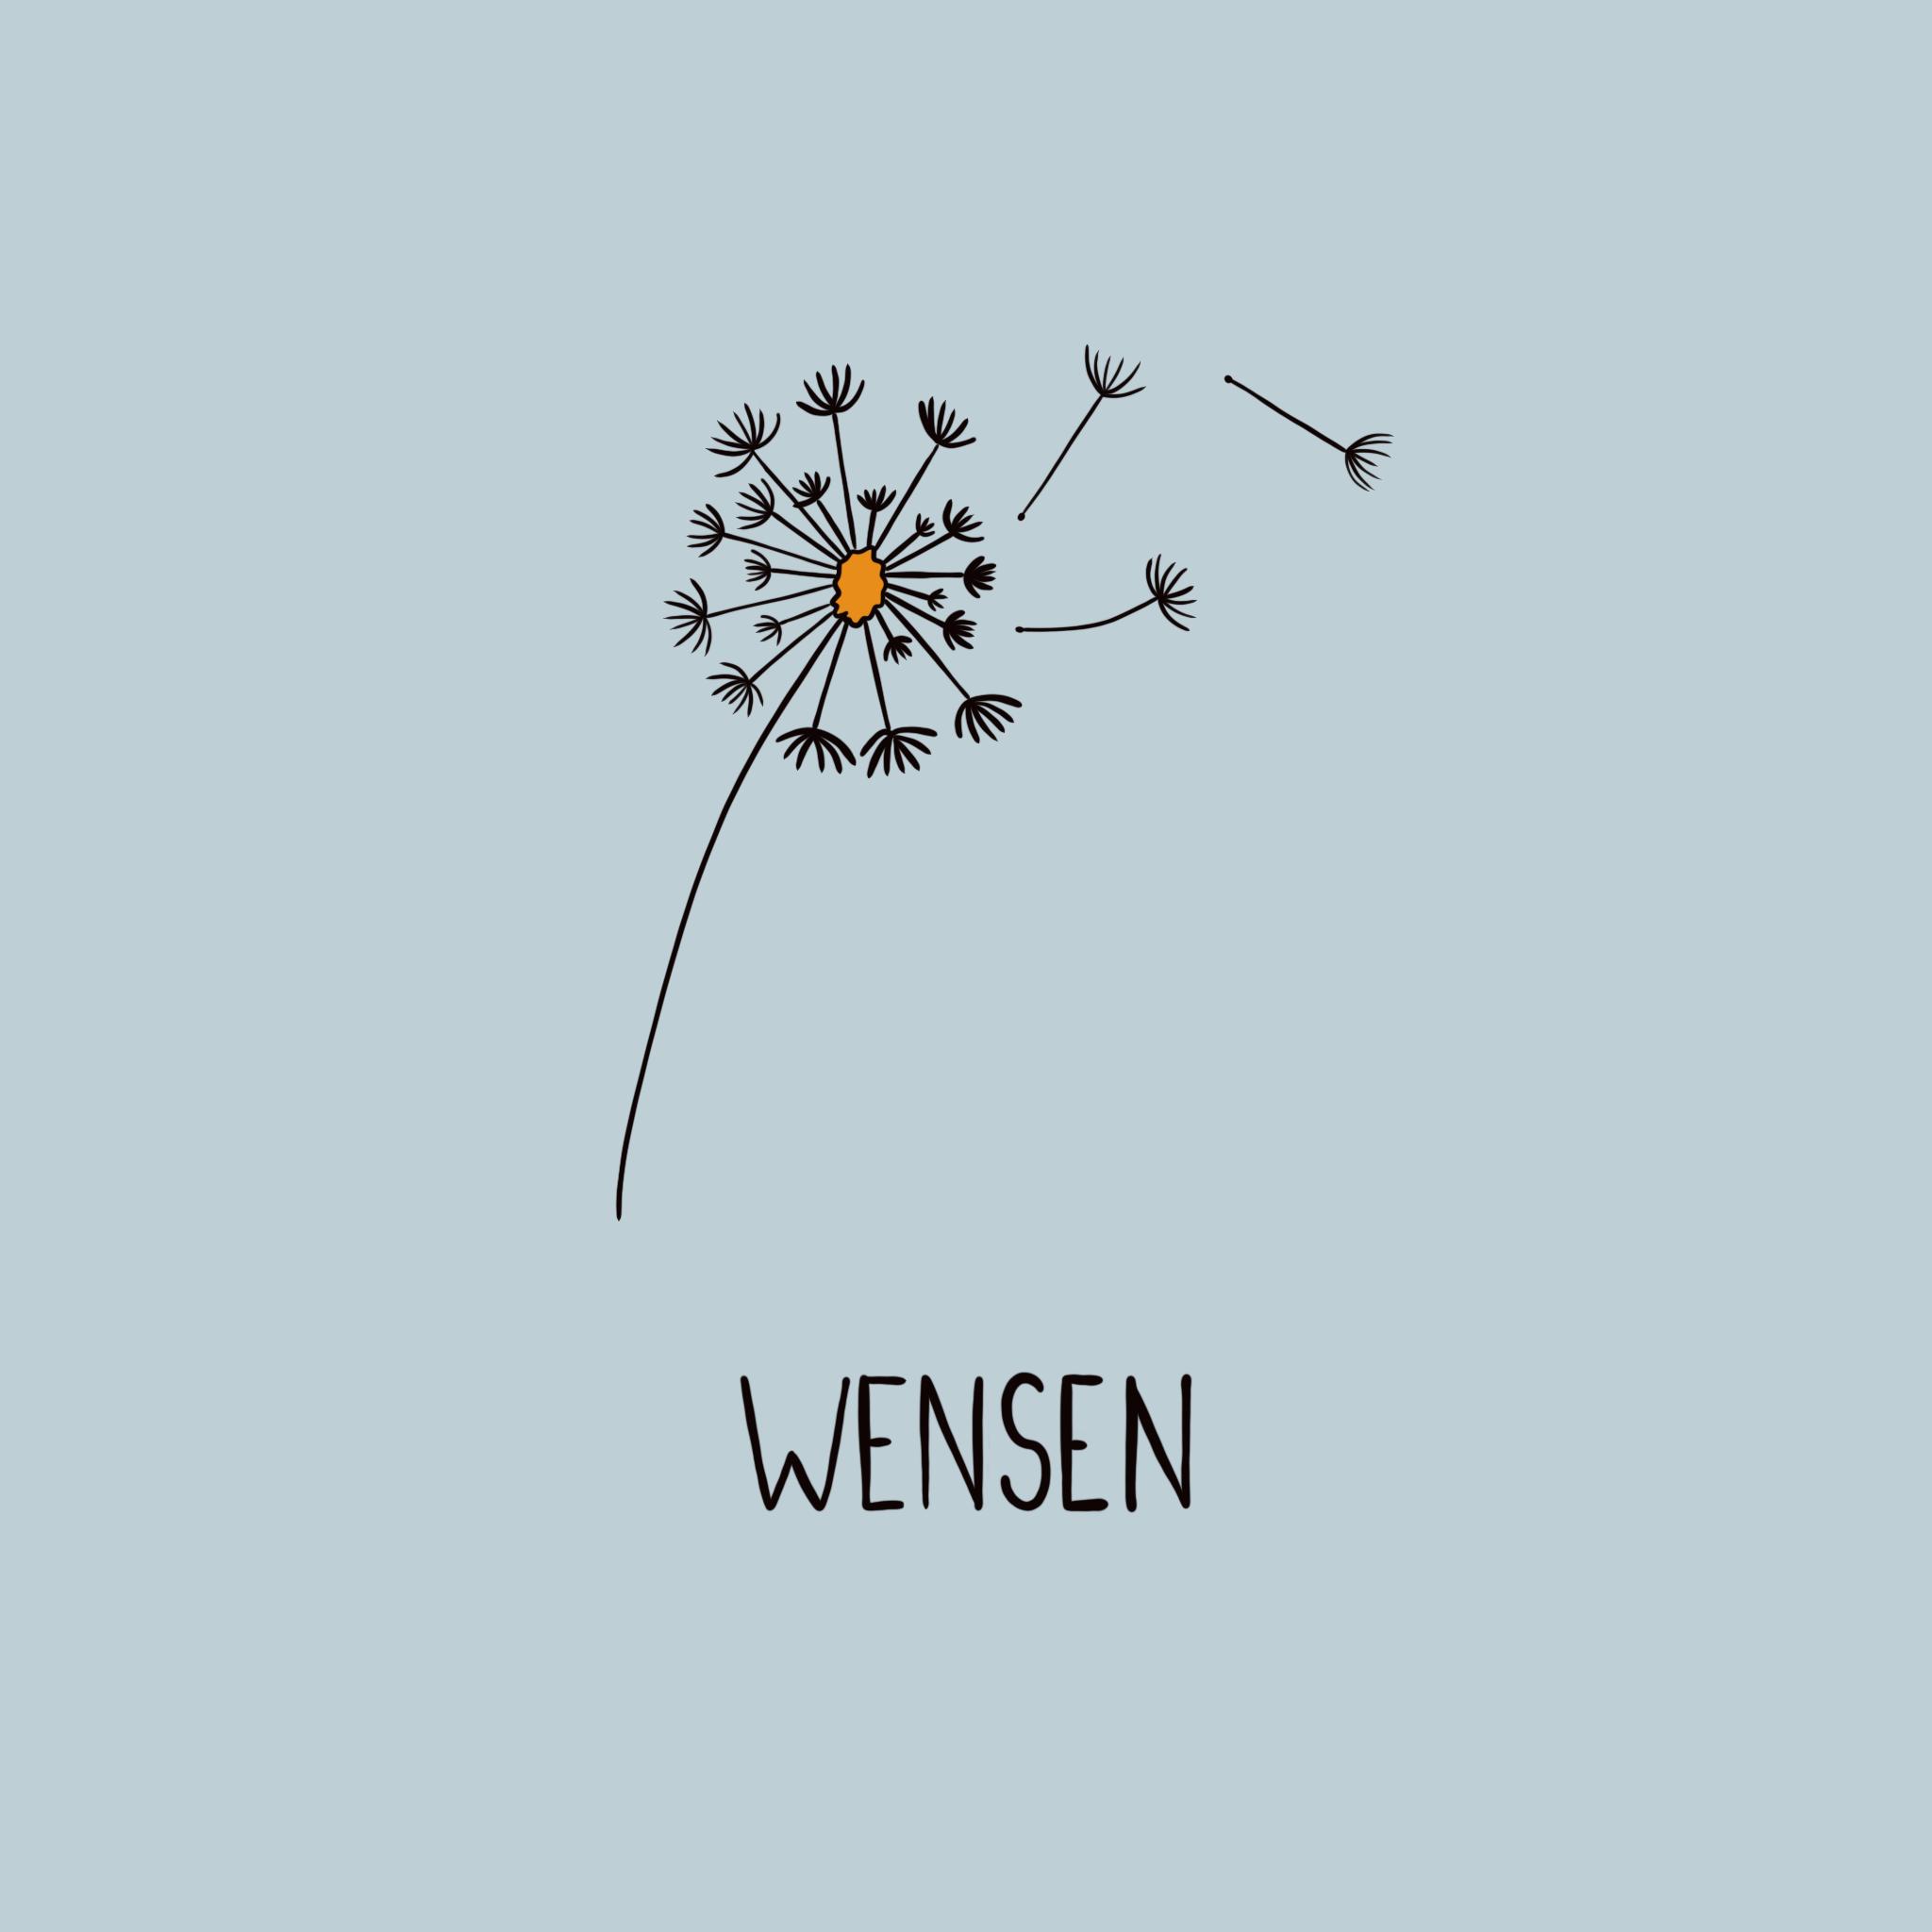 Wensen